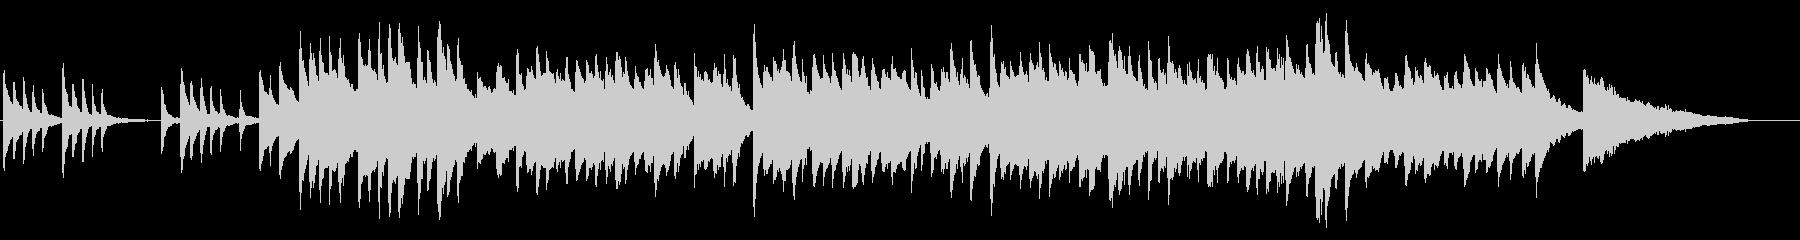 優しい感じのピアノバラードの未再生の波形